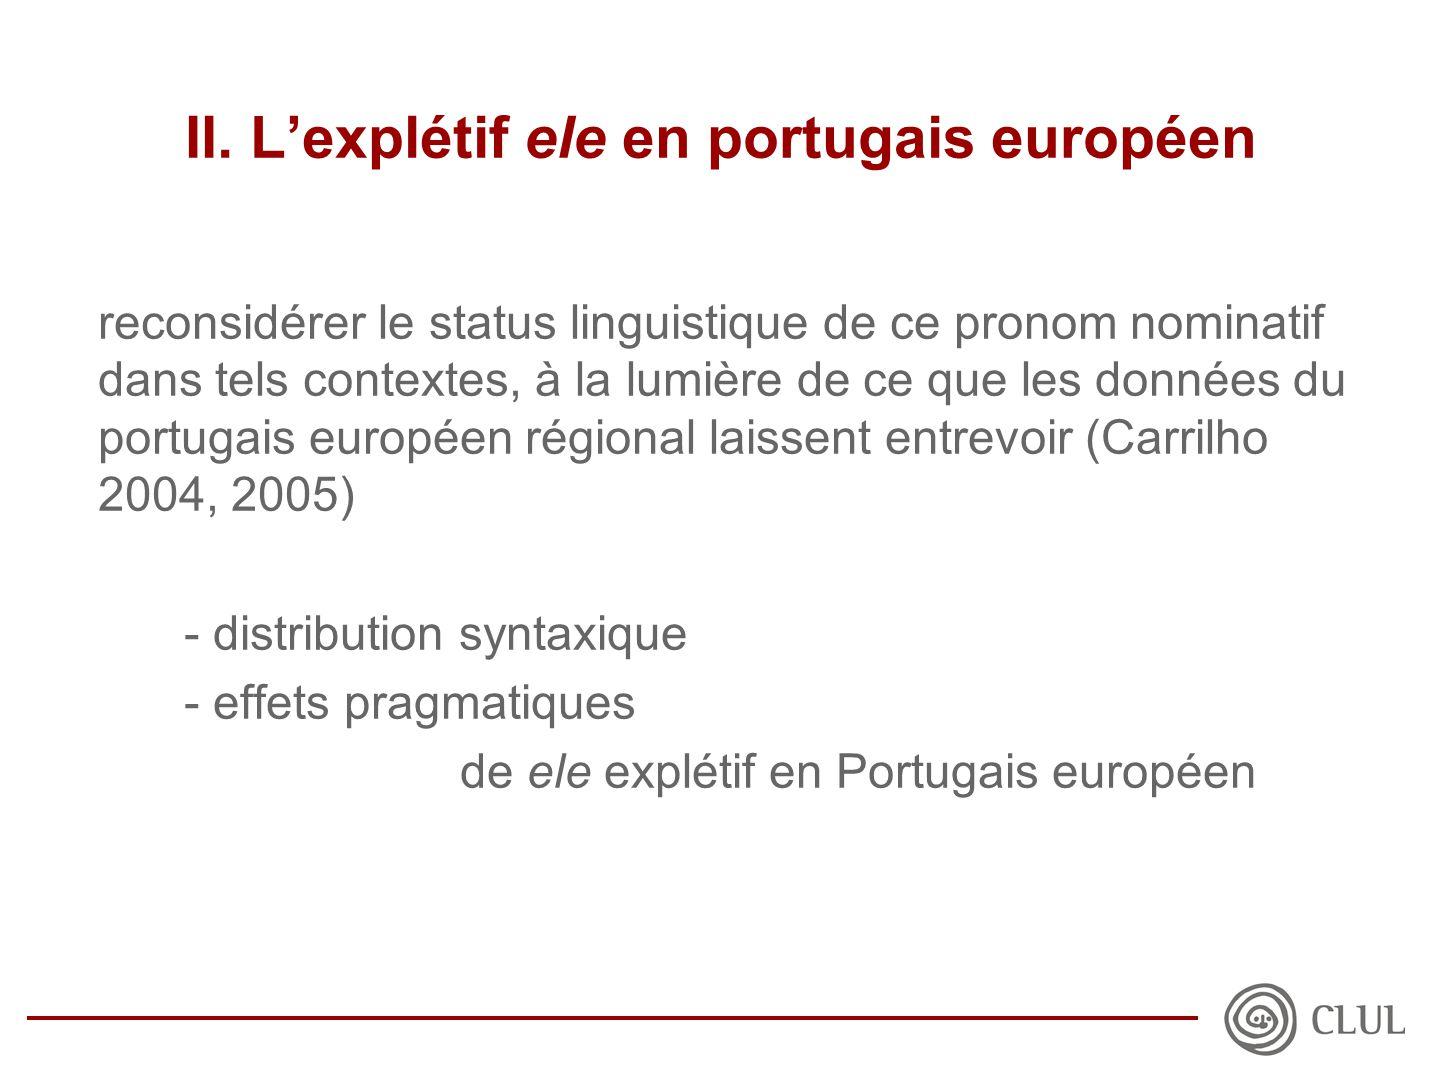 II. L'explétif ele en portugais européen reconsidérer le status linguistique de ce pronom nominatif dans tels contextes, à la lumière de ce que les do